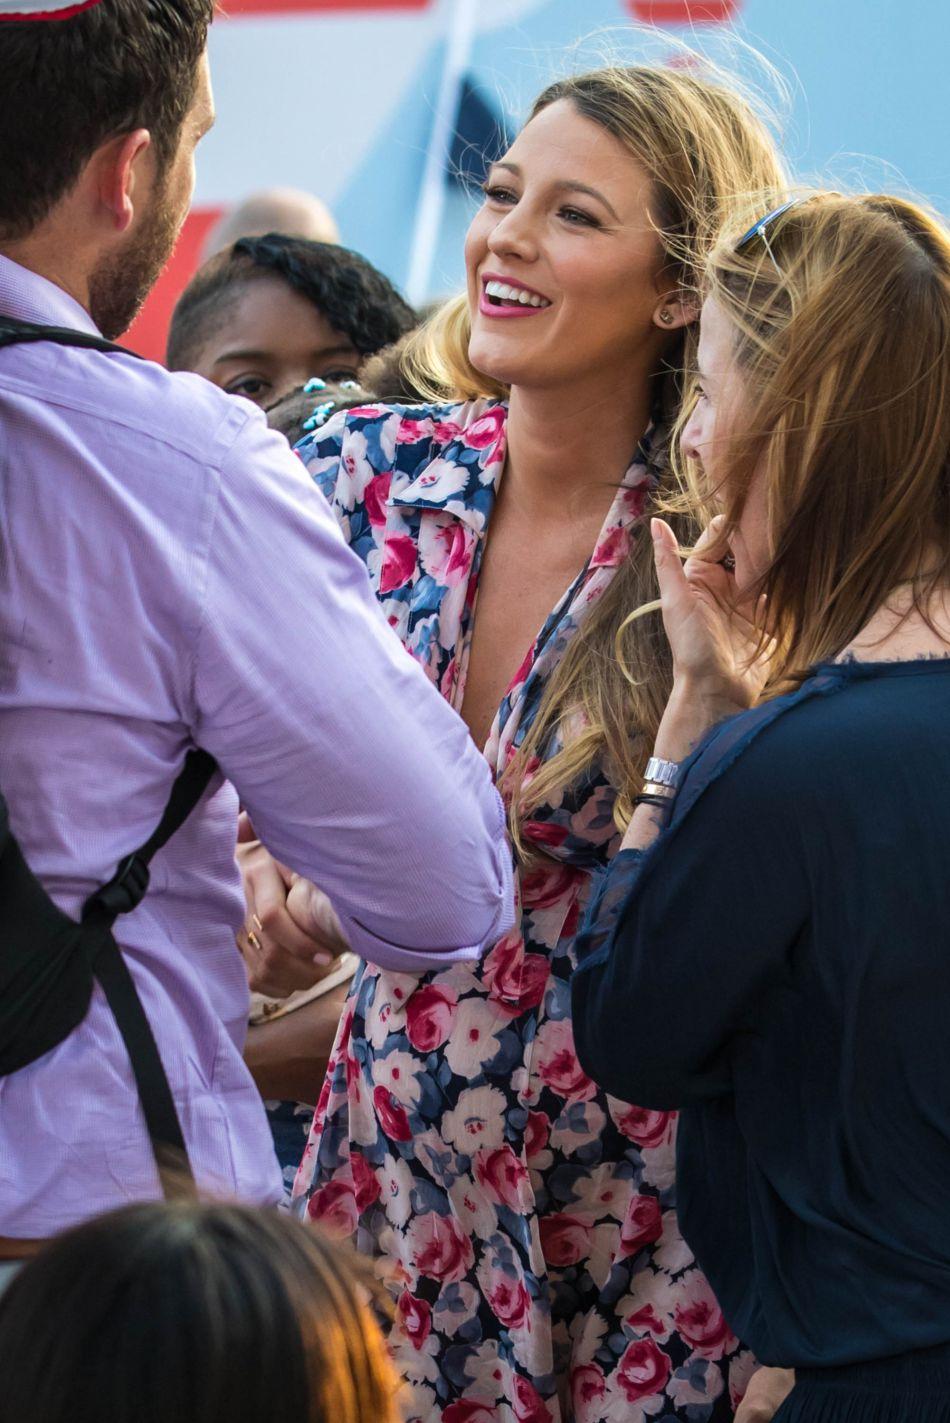 Bien qu'elle soit enceinte, Blake Lively se veut toujours stylé et glamour !